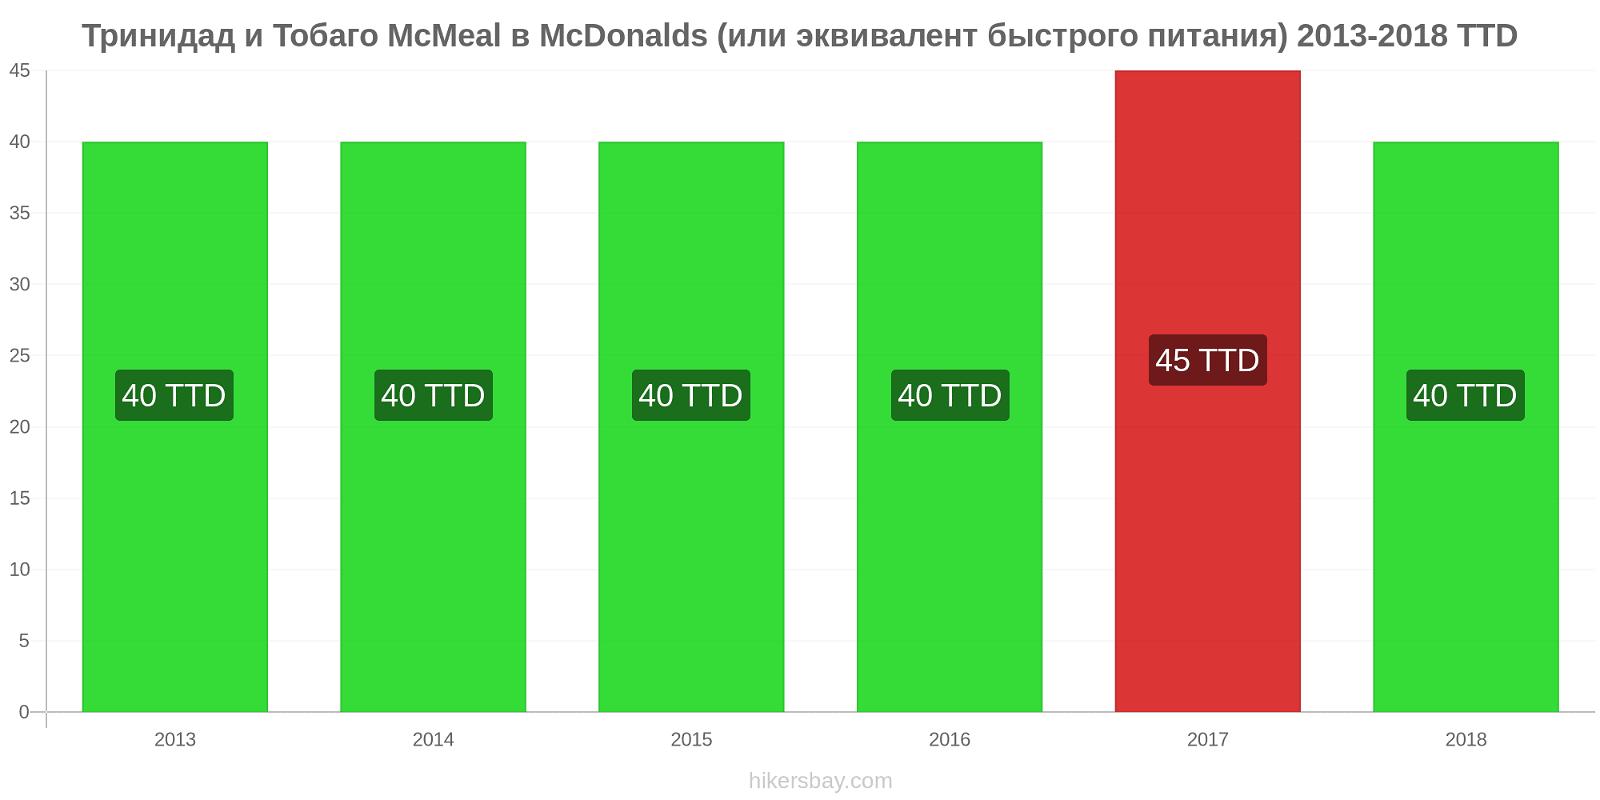 Тринидад и Тобаго изменения цен McMeal в McDonalds (или эквивалент быстрого питания) hikersbay.com